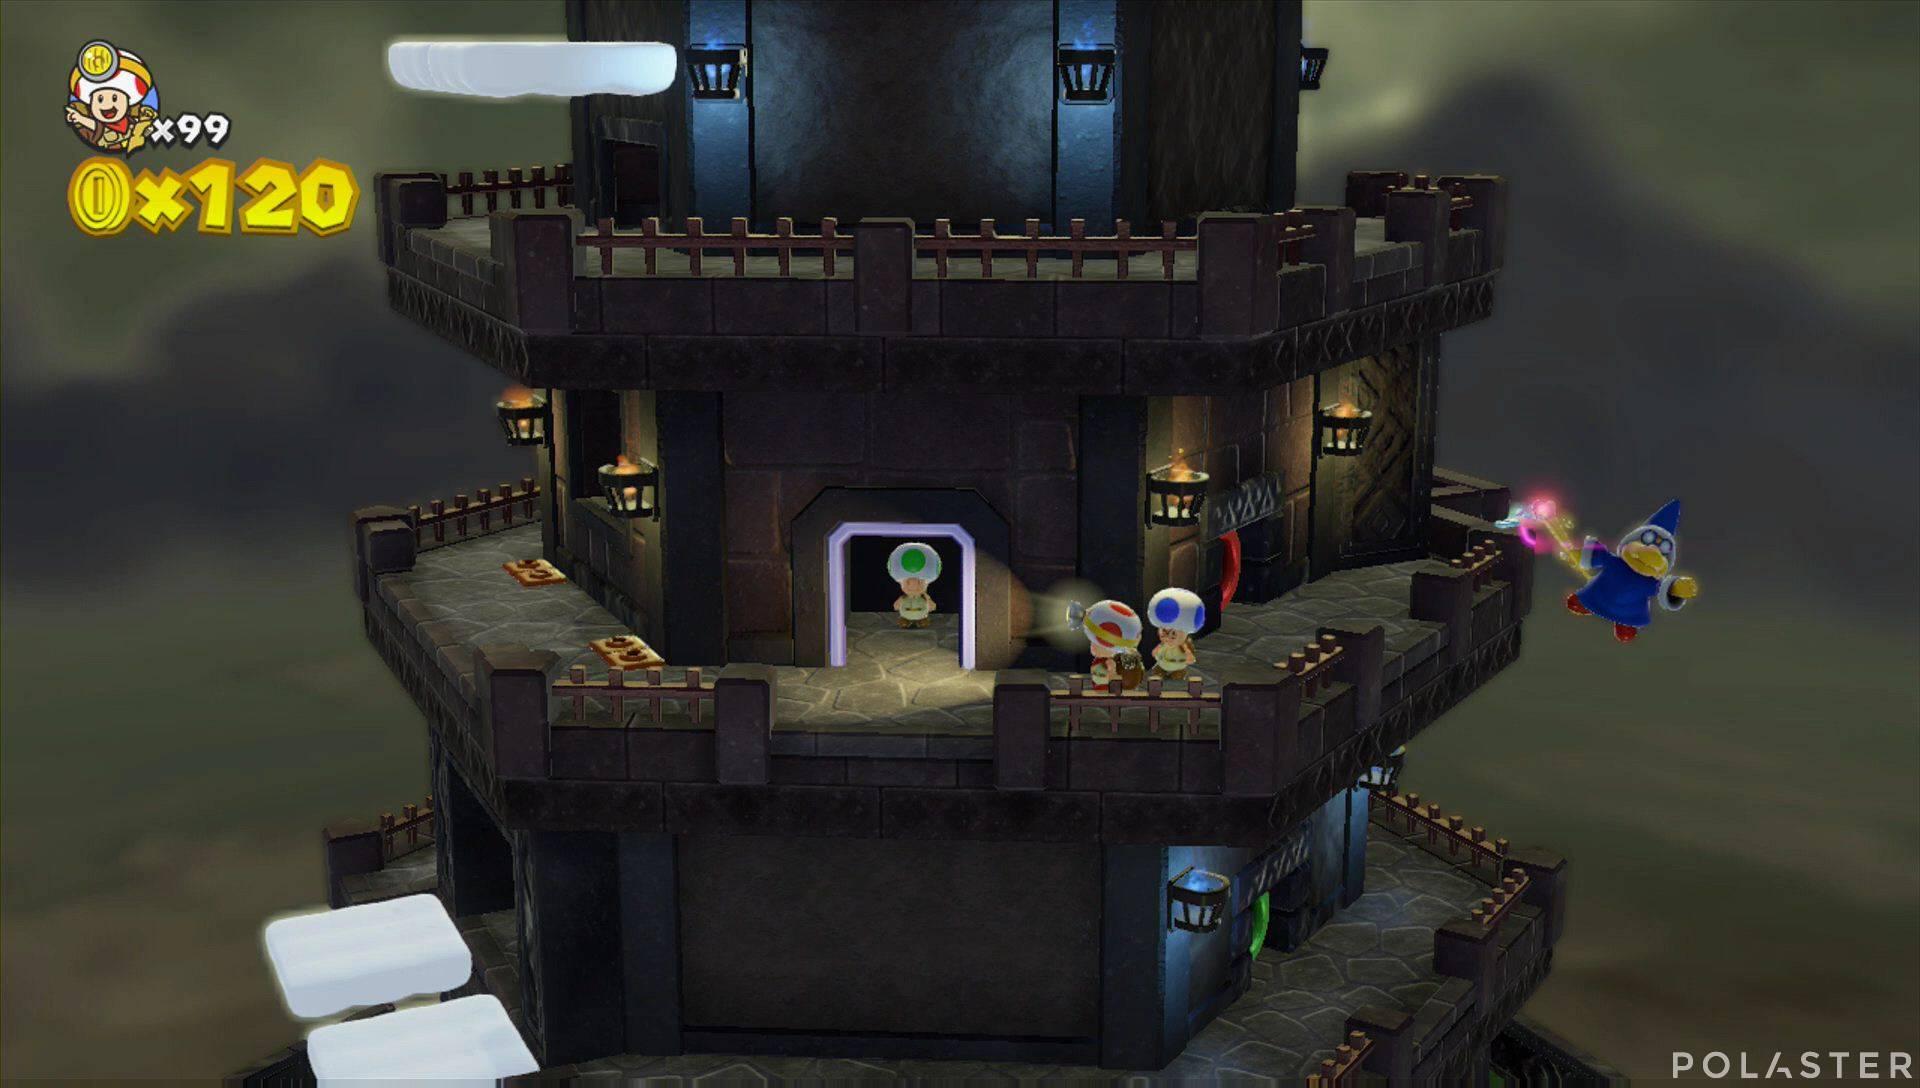 Captain Toad: Treasure Tracker Extra: ¡Cuadrilla, a la torre insólita! Toad verde